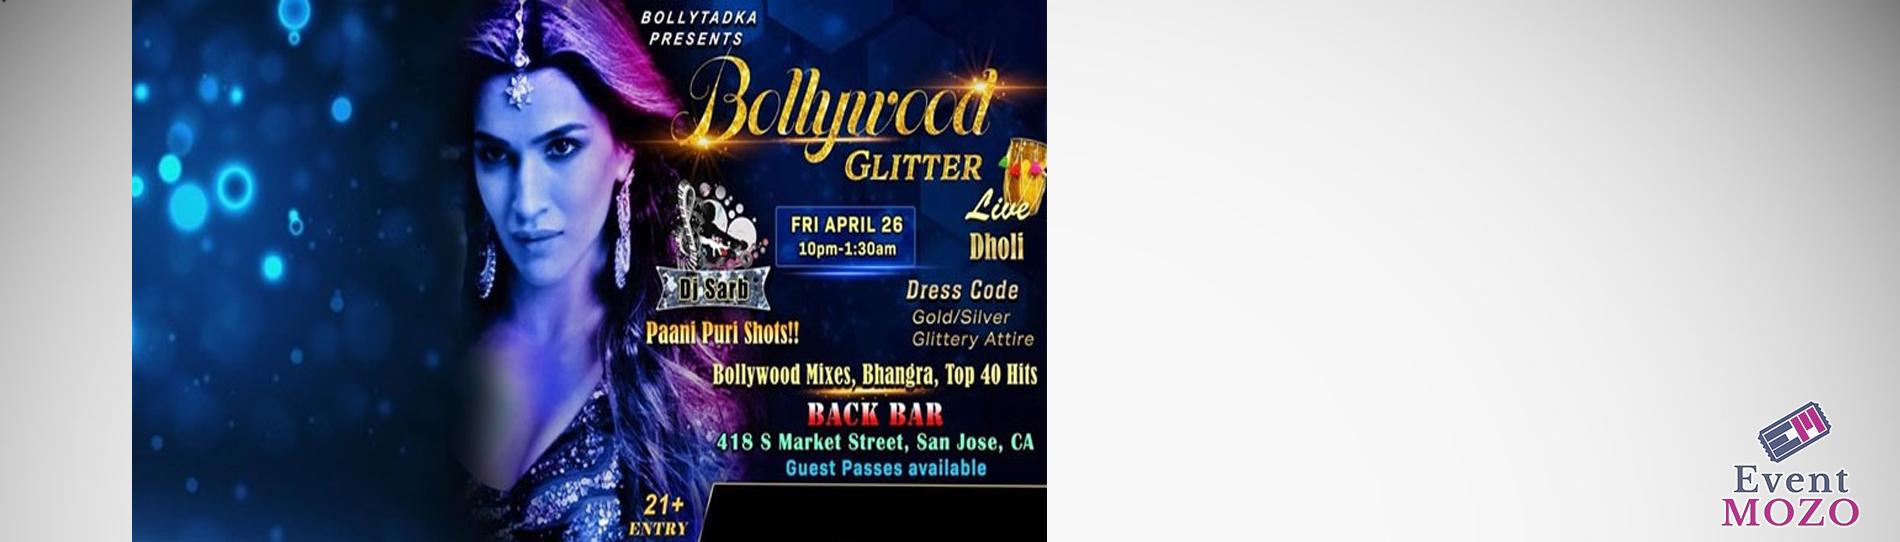 Bollywood Party- By Bollytadka